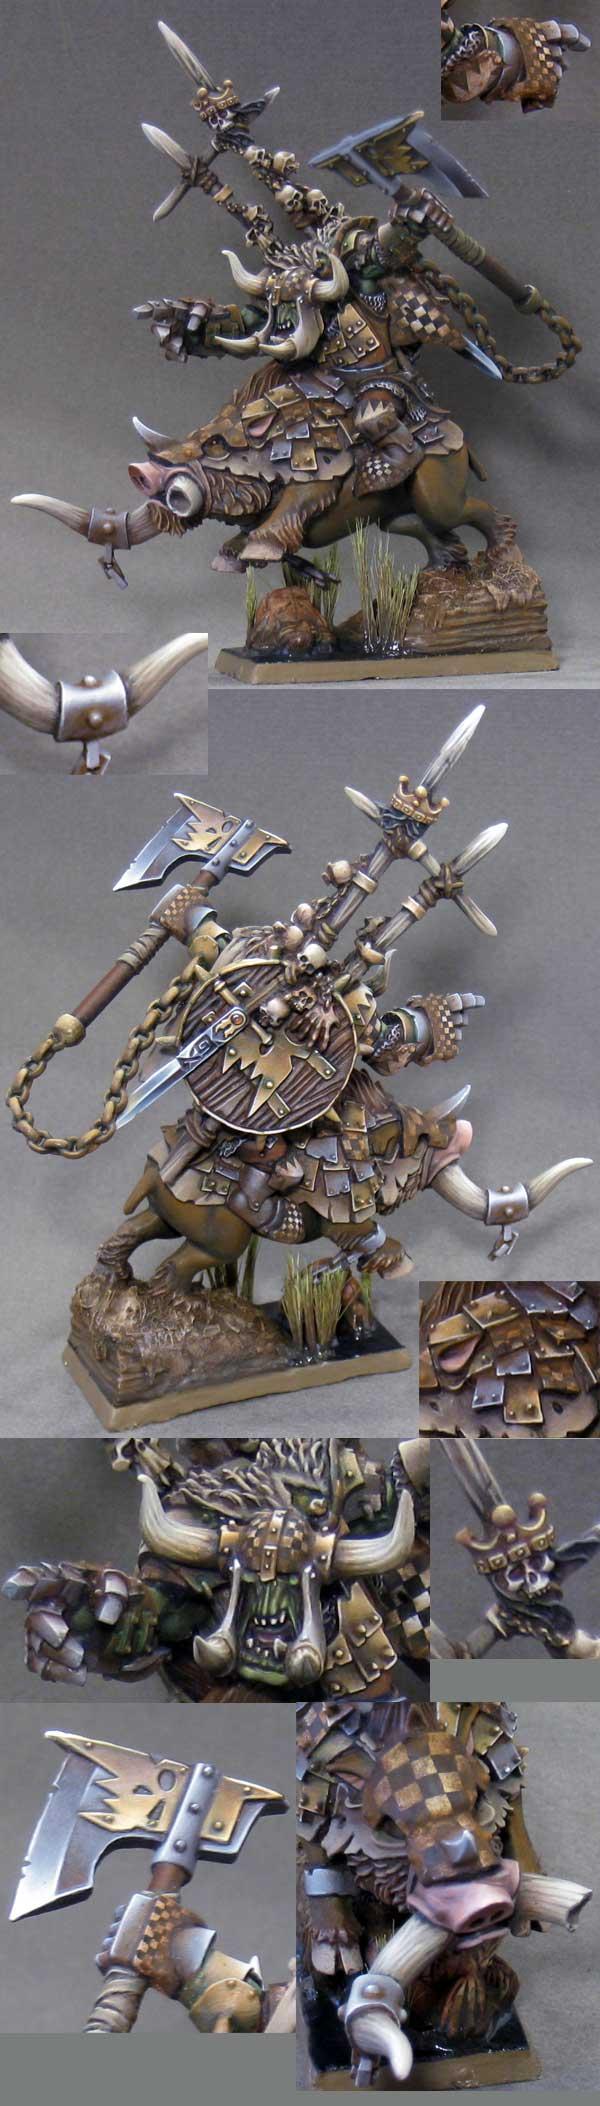 Orc - Warhammer Fantasy